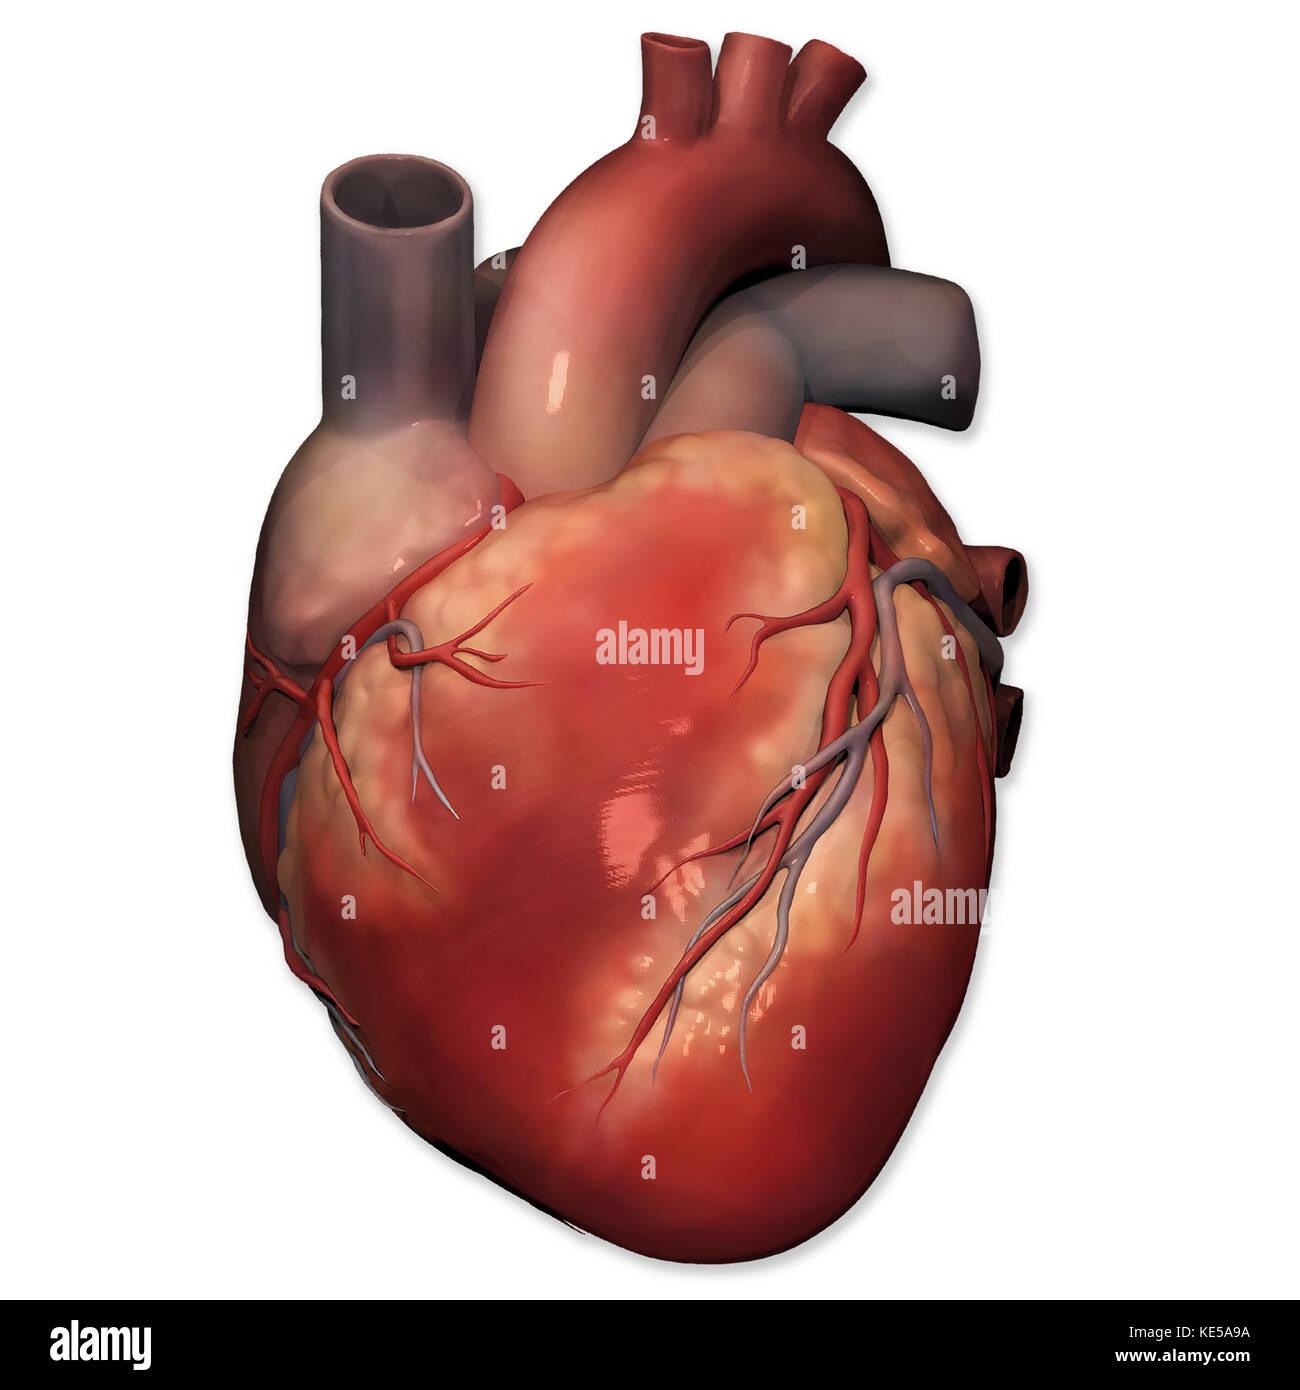 Vista anterior del coraz n humano anatom a foto imagen for Fotos del corazon